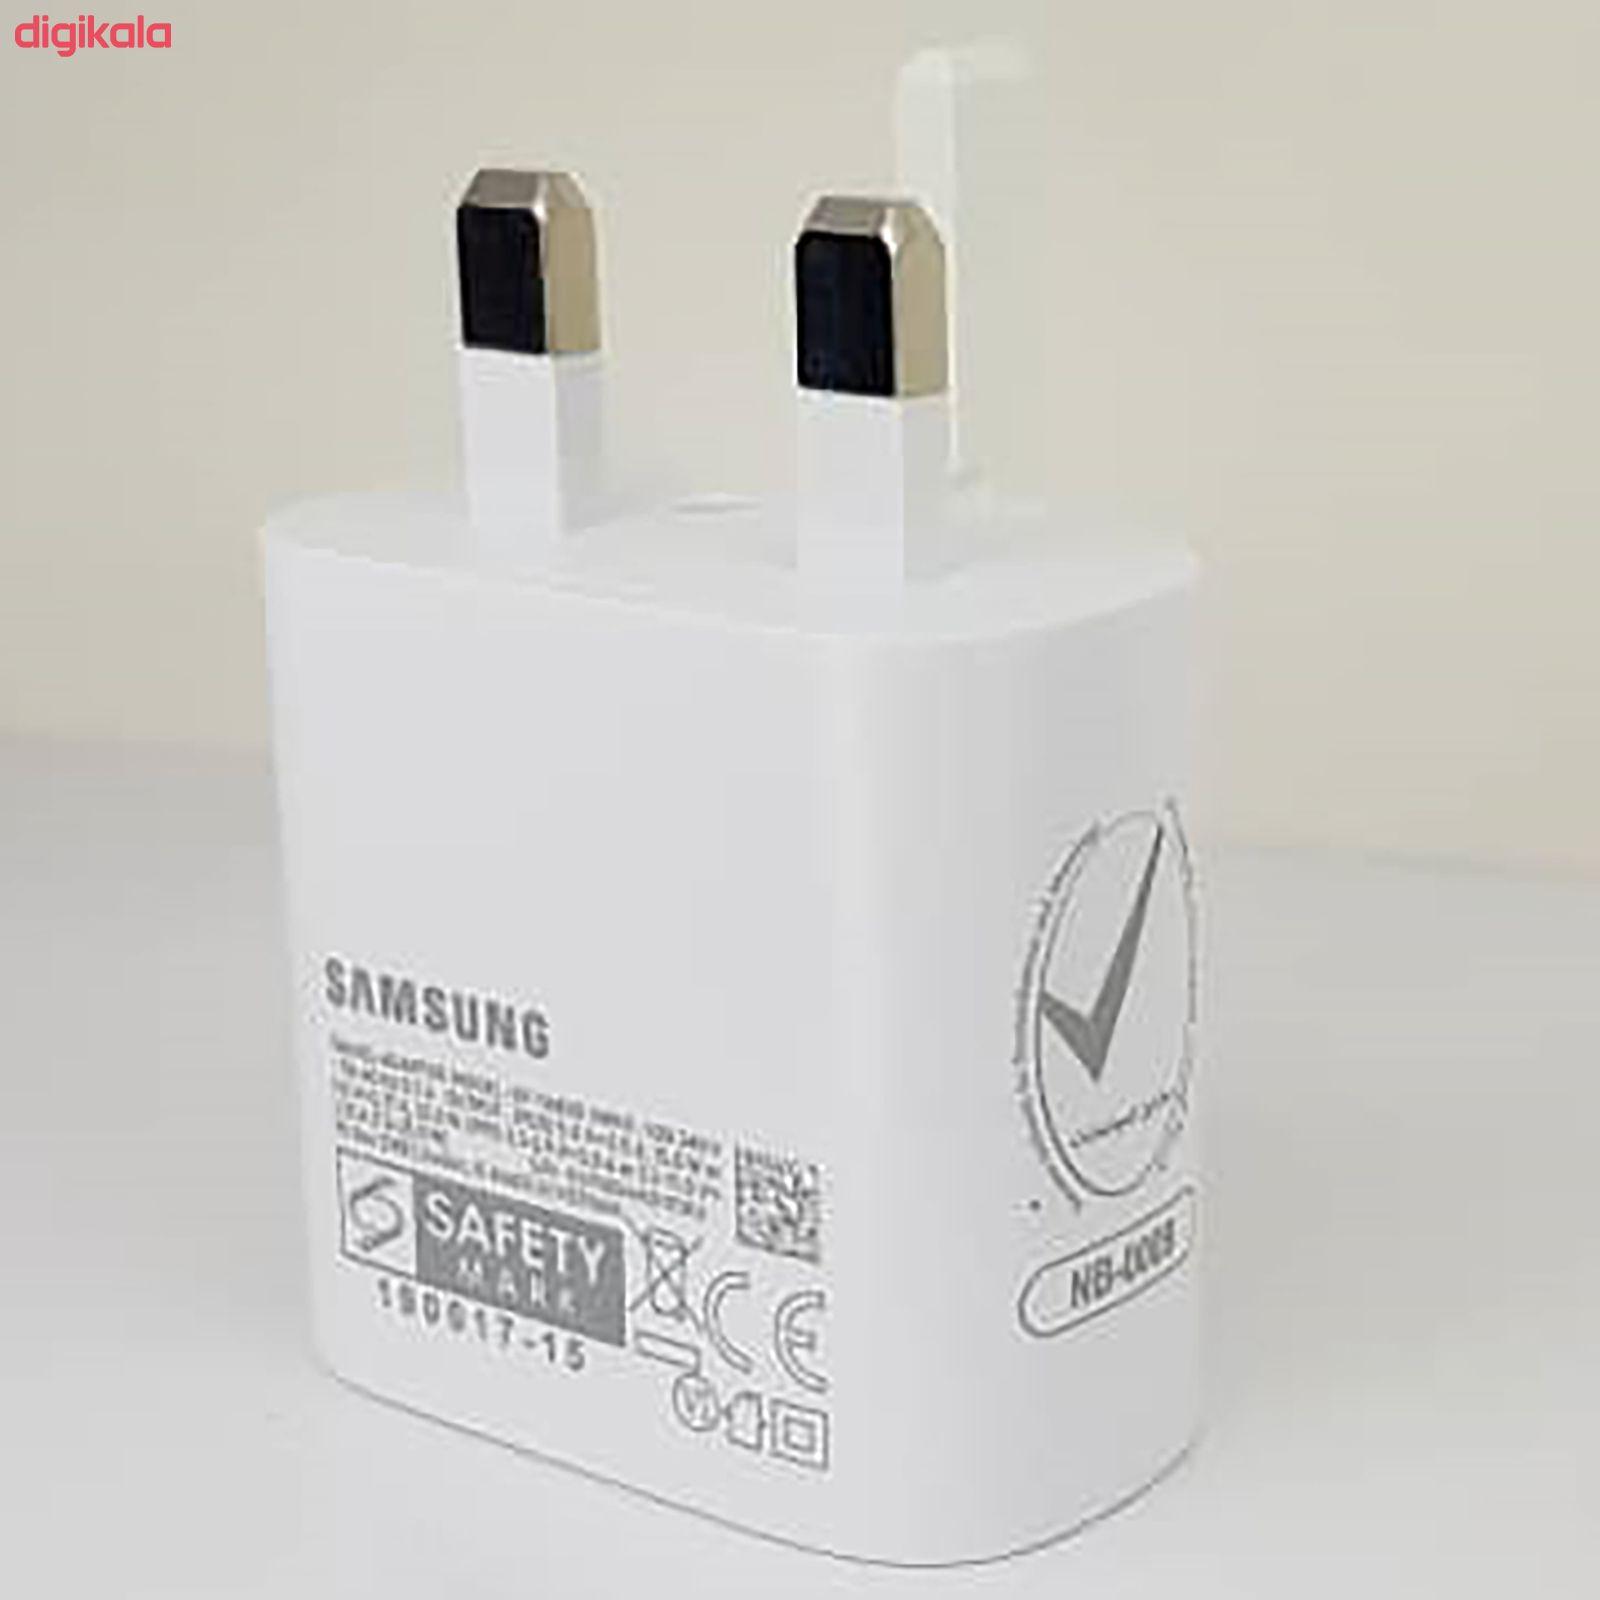 شارژر دیواری سامسونگ مدل EP-TA800 به همراه کابل تبدیل USB-C main 1 12